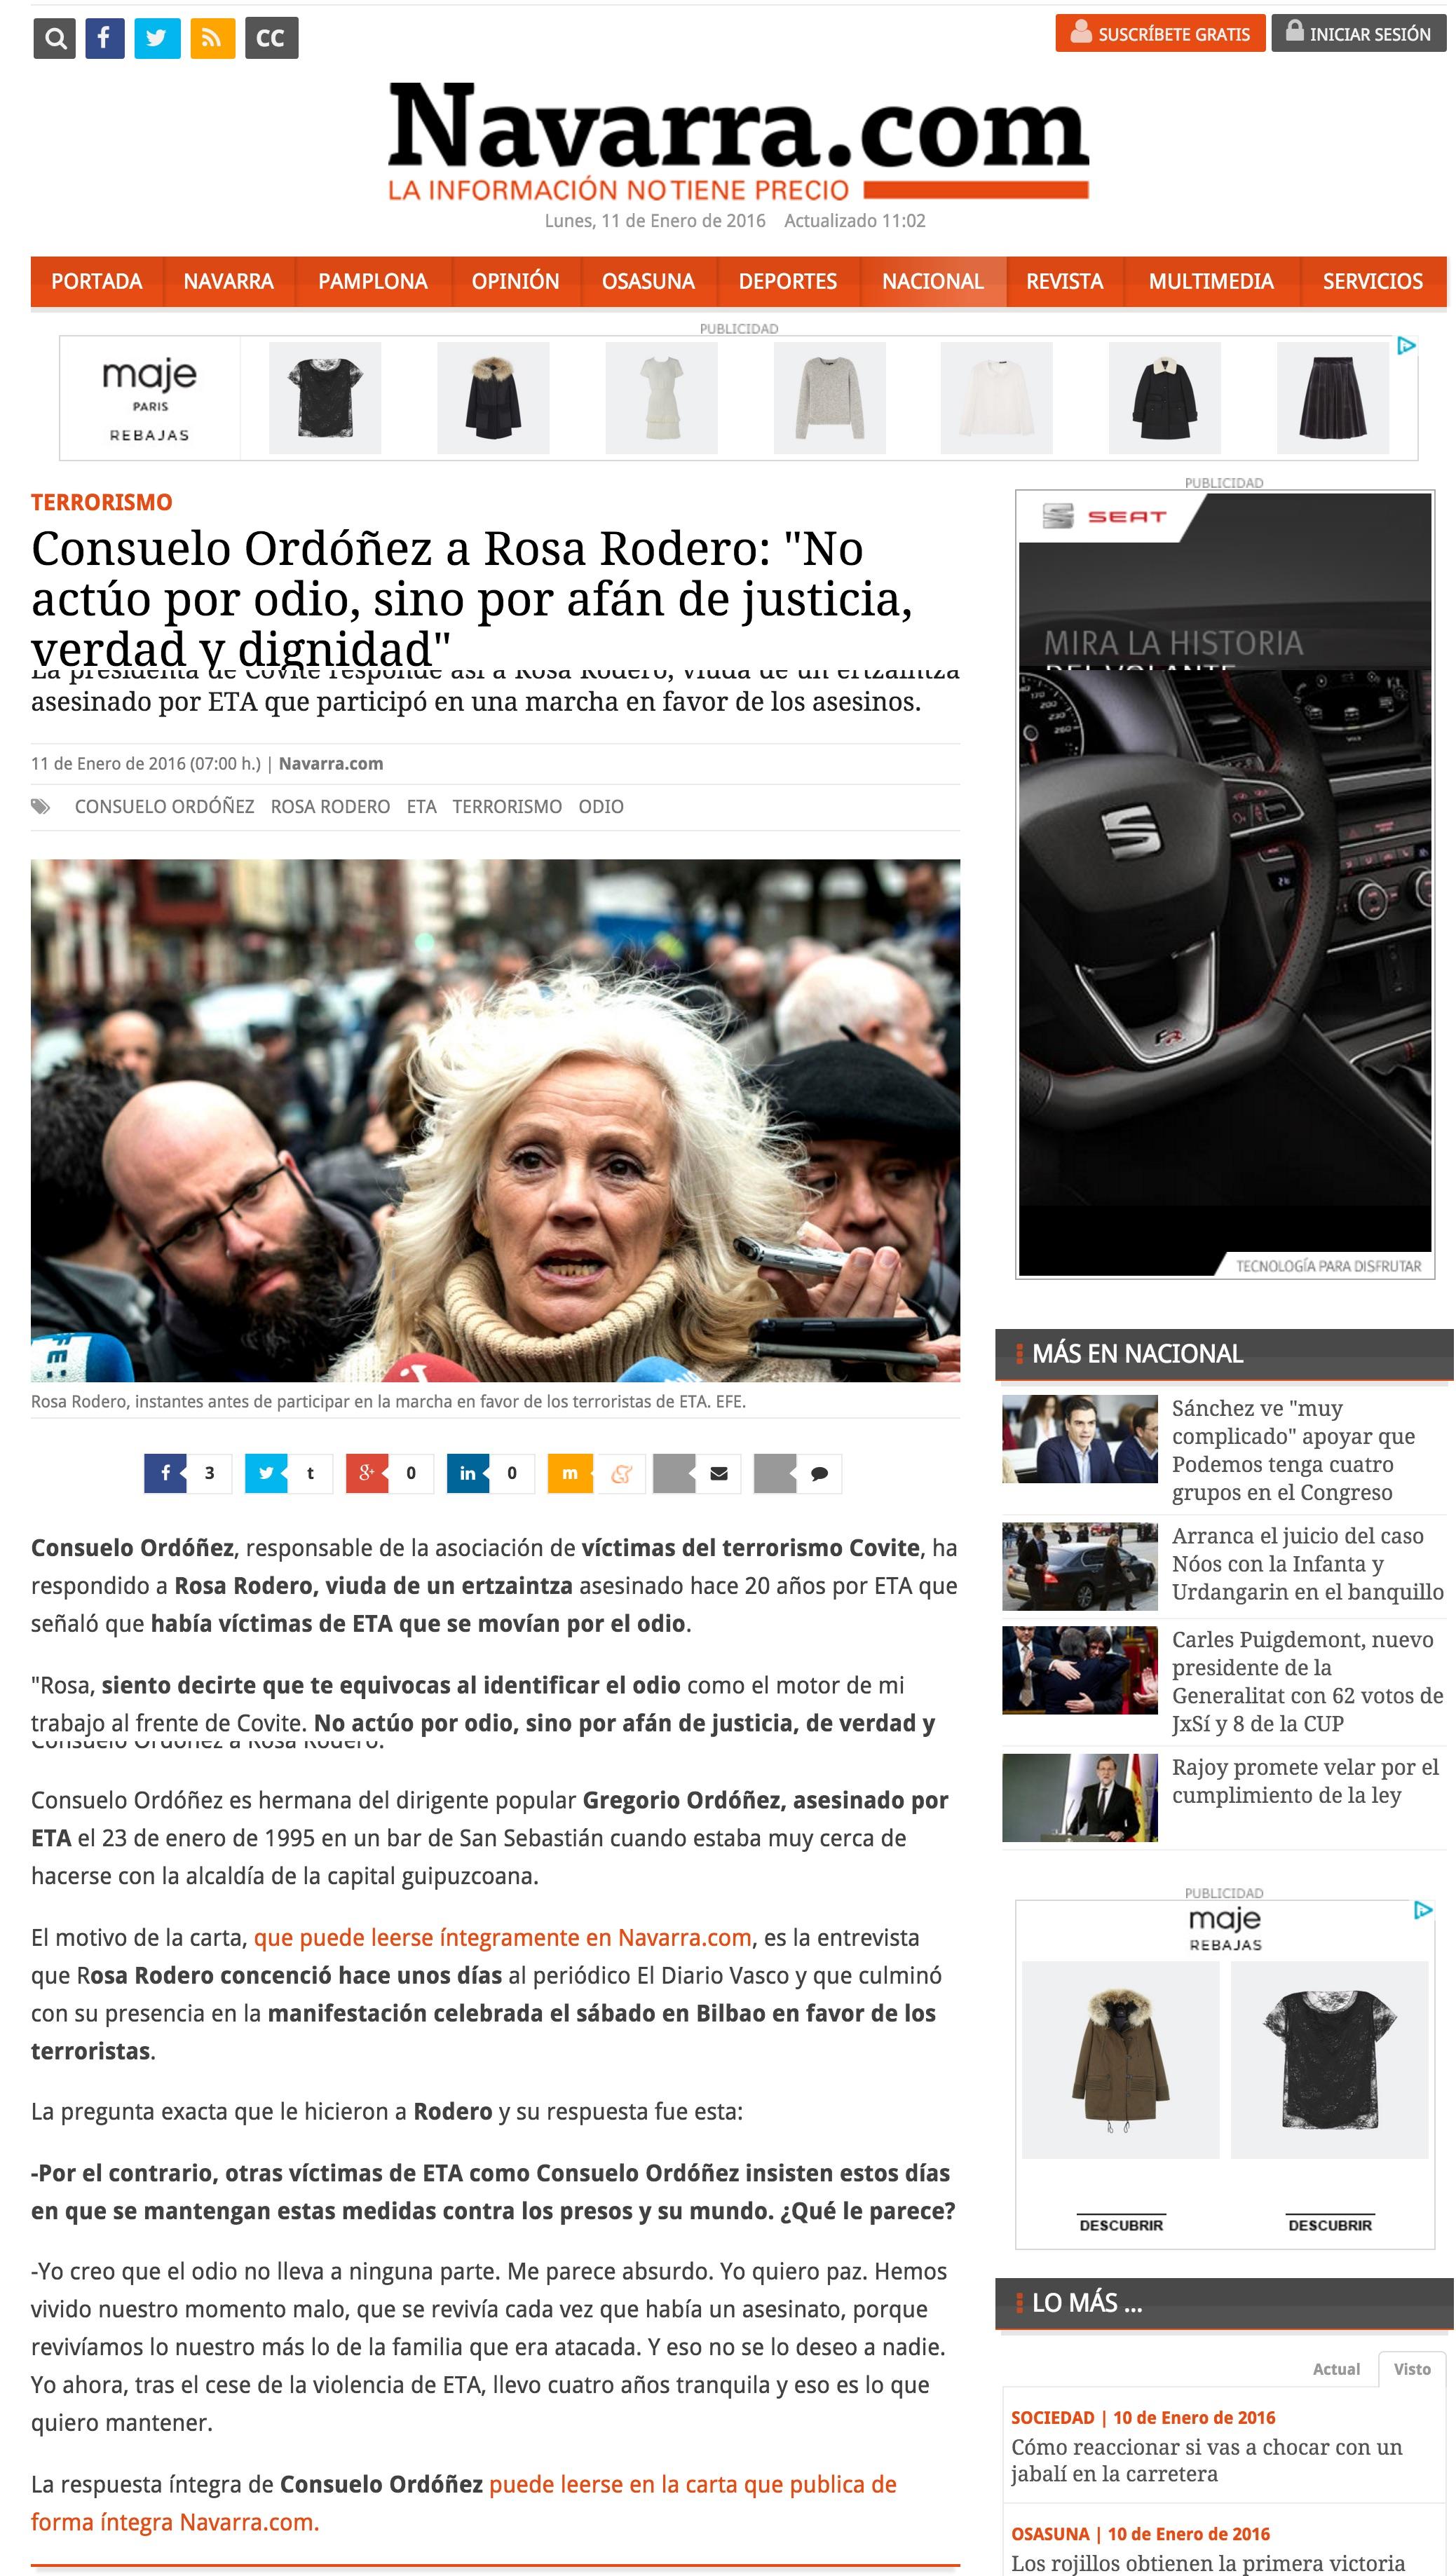 carta_noticia_navarra_com